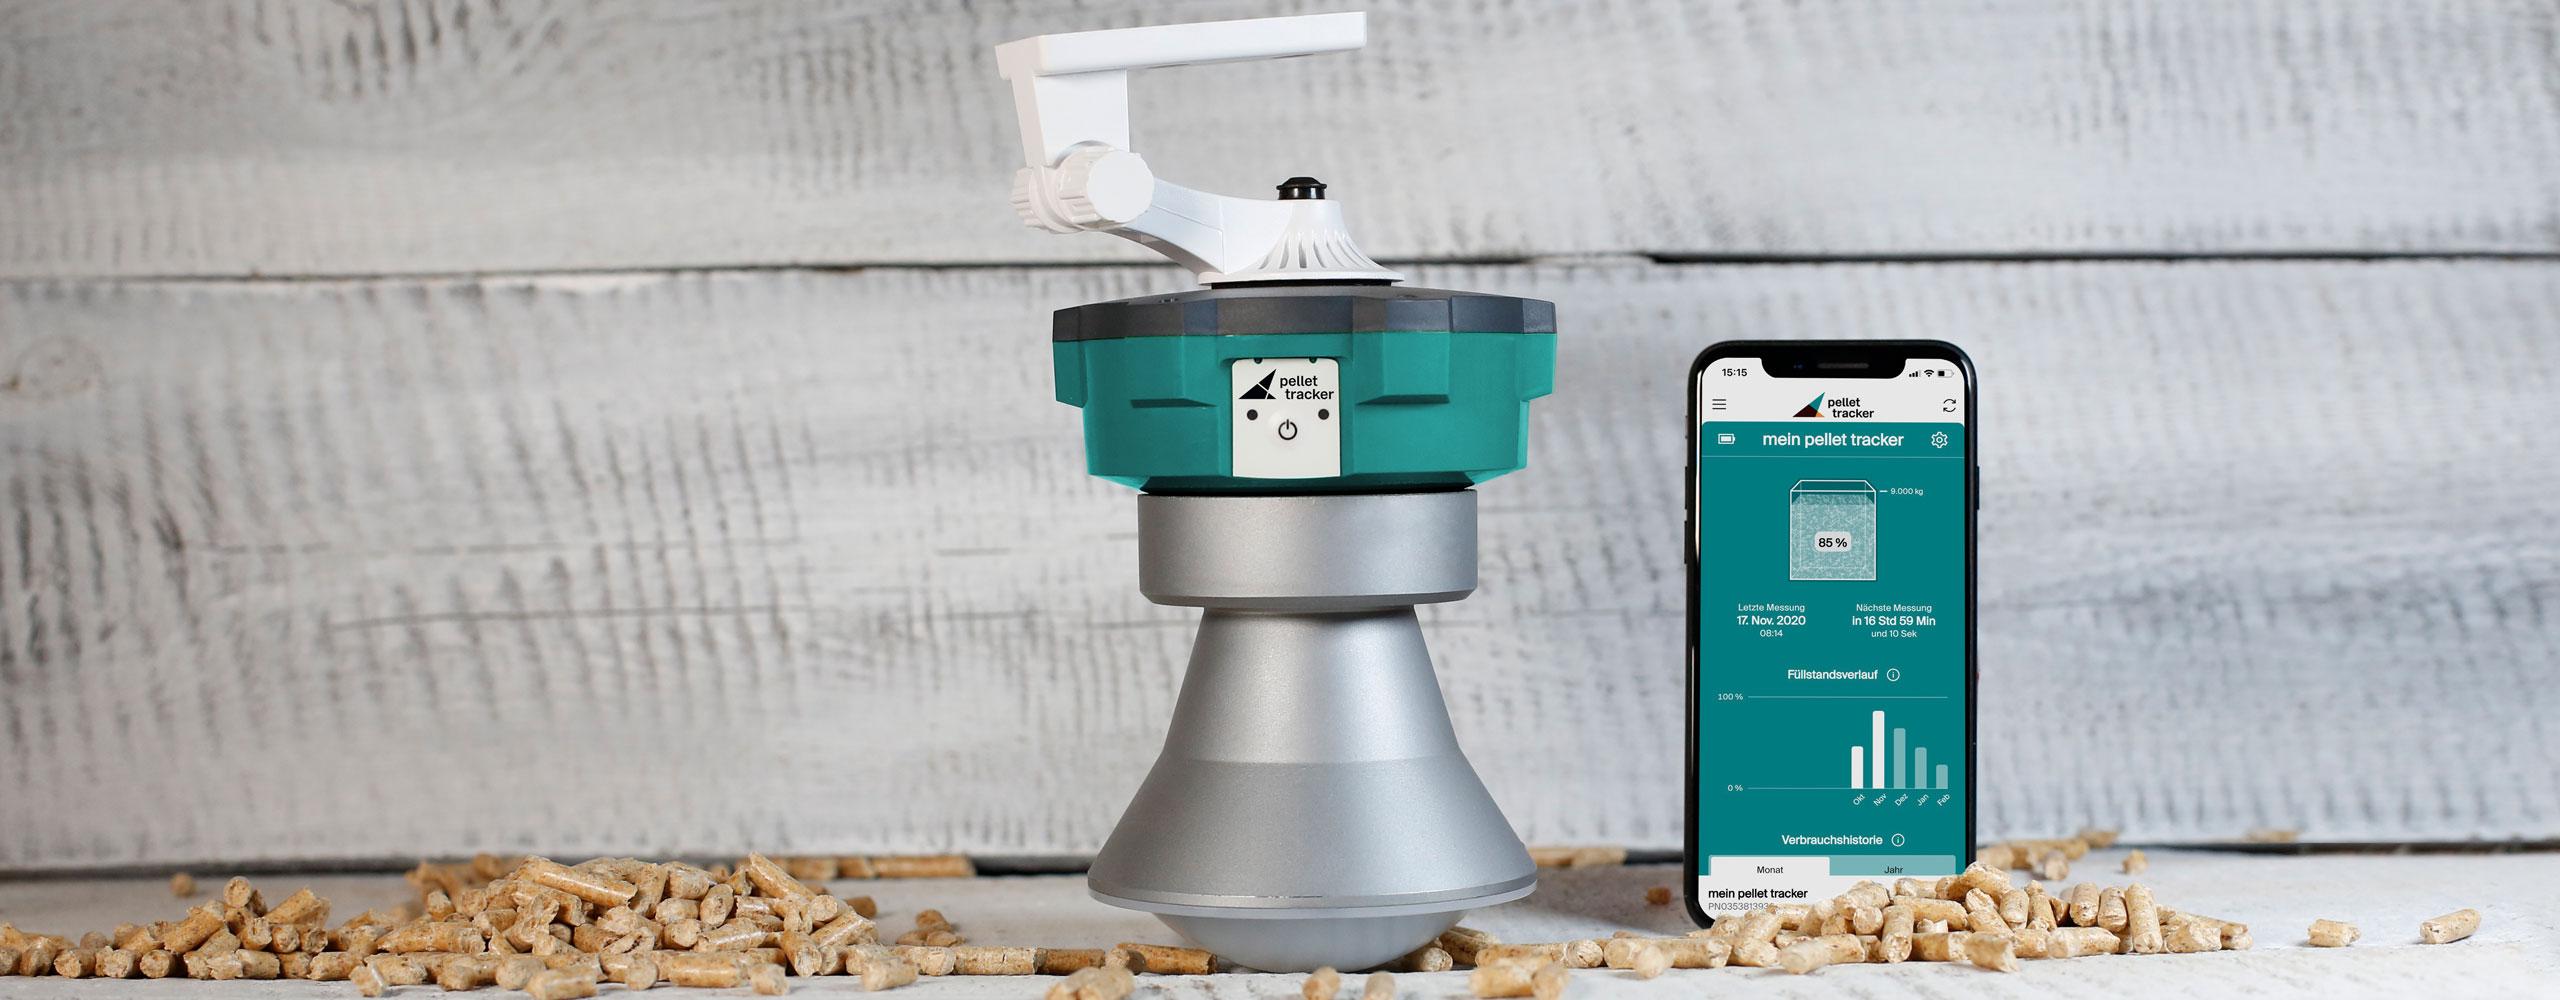 baywa-pellet-tracker-digital-header